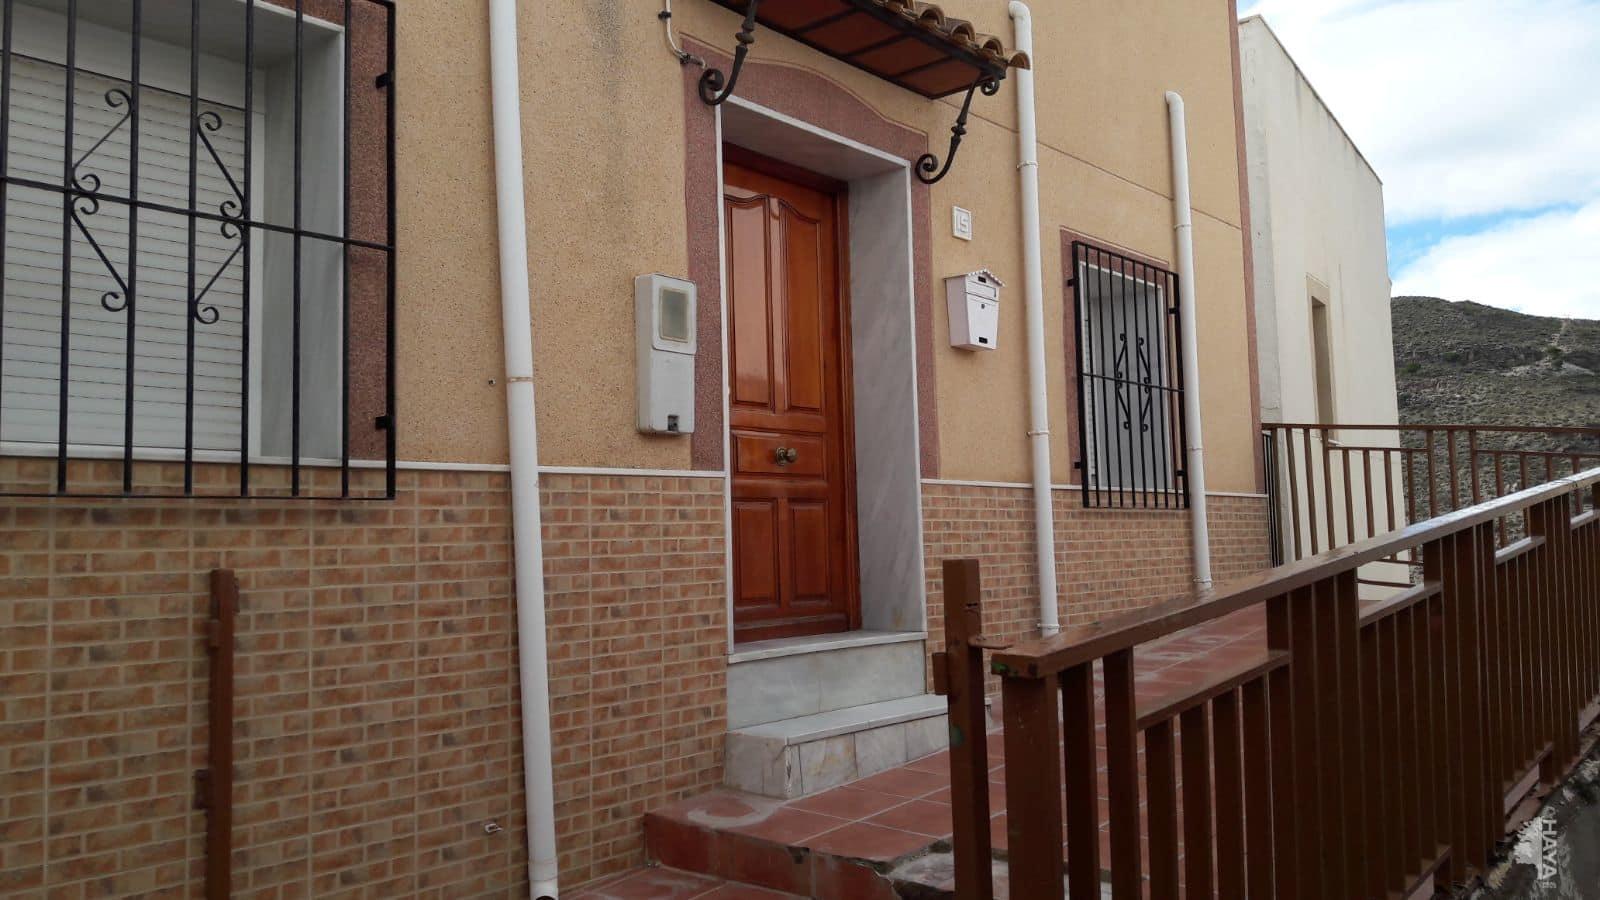 Casa en venta en Almería, Almería, Calle Jacinto Benavente, 108.000 €, 4 habitaciones, 2 baños, 83 m2